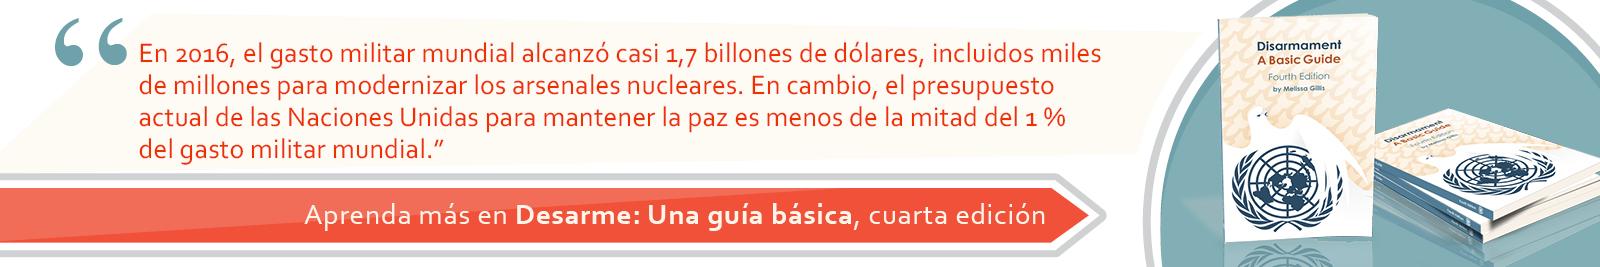 4. En 2016, el gasto militar mundial alcanzó casi 1,7 billones de dólares, incluidos miles de millones para modernizar los arsenales nucleares. En cambio, el presupuesto actual de las Naciones Unidas para mantener la paz es menos de la mitad del 1 % del gasto militar mundial.